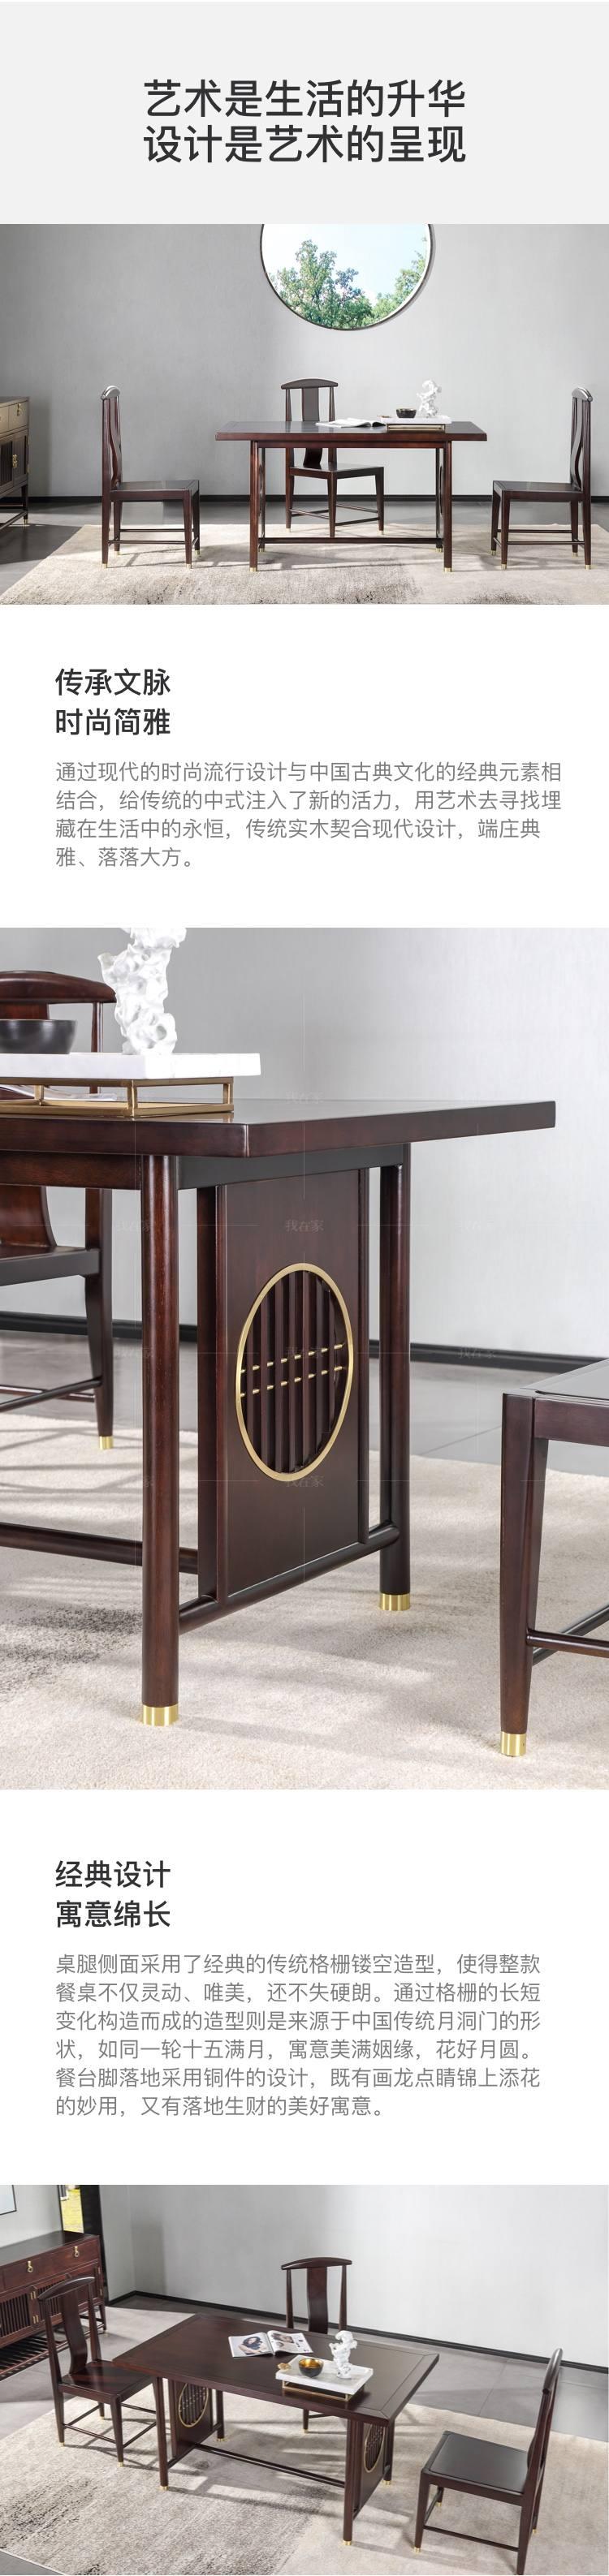 新中式风格玲珑餐桌的家具详细介绍